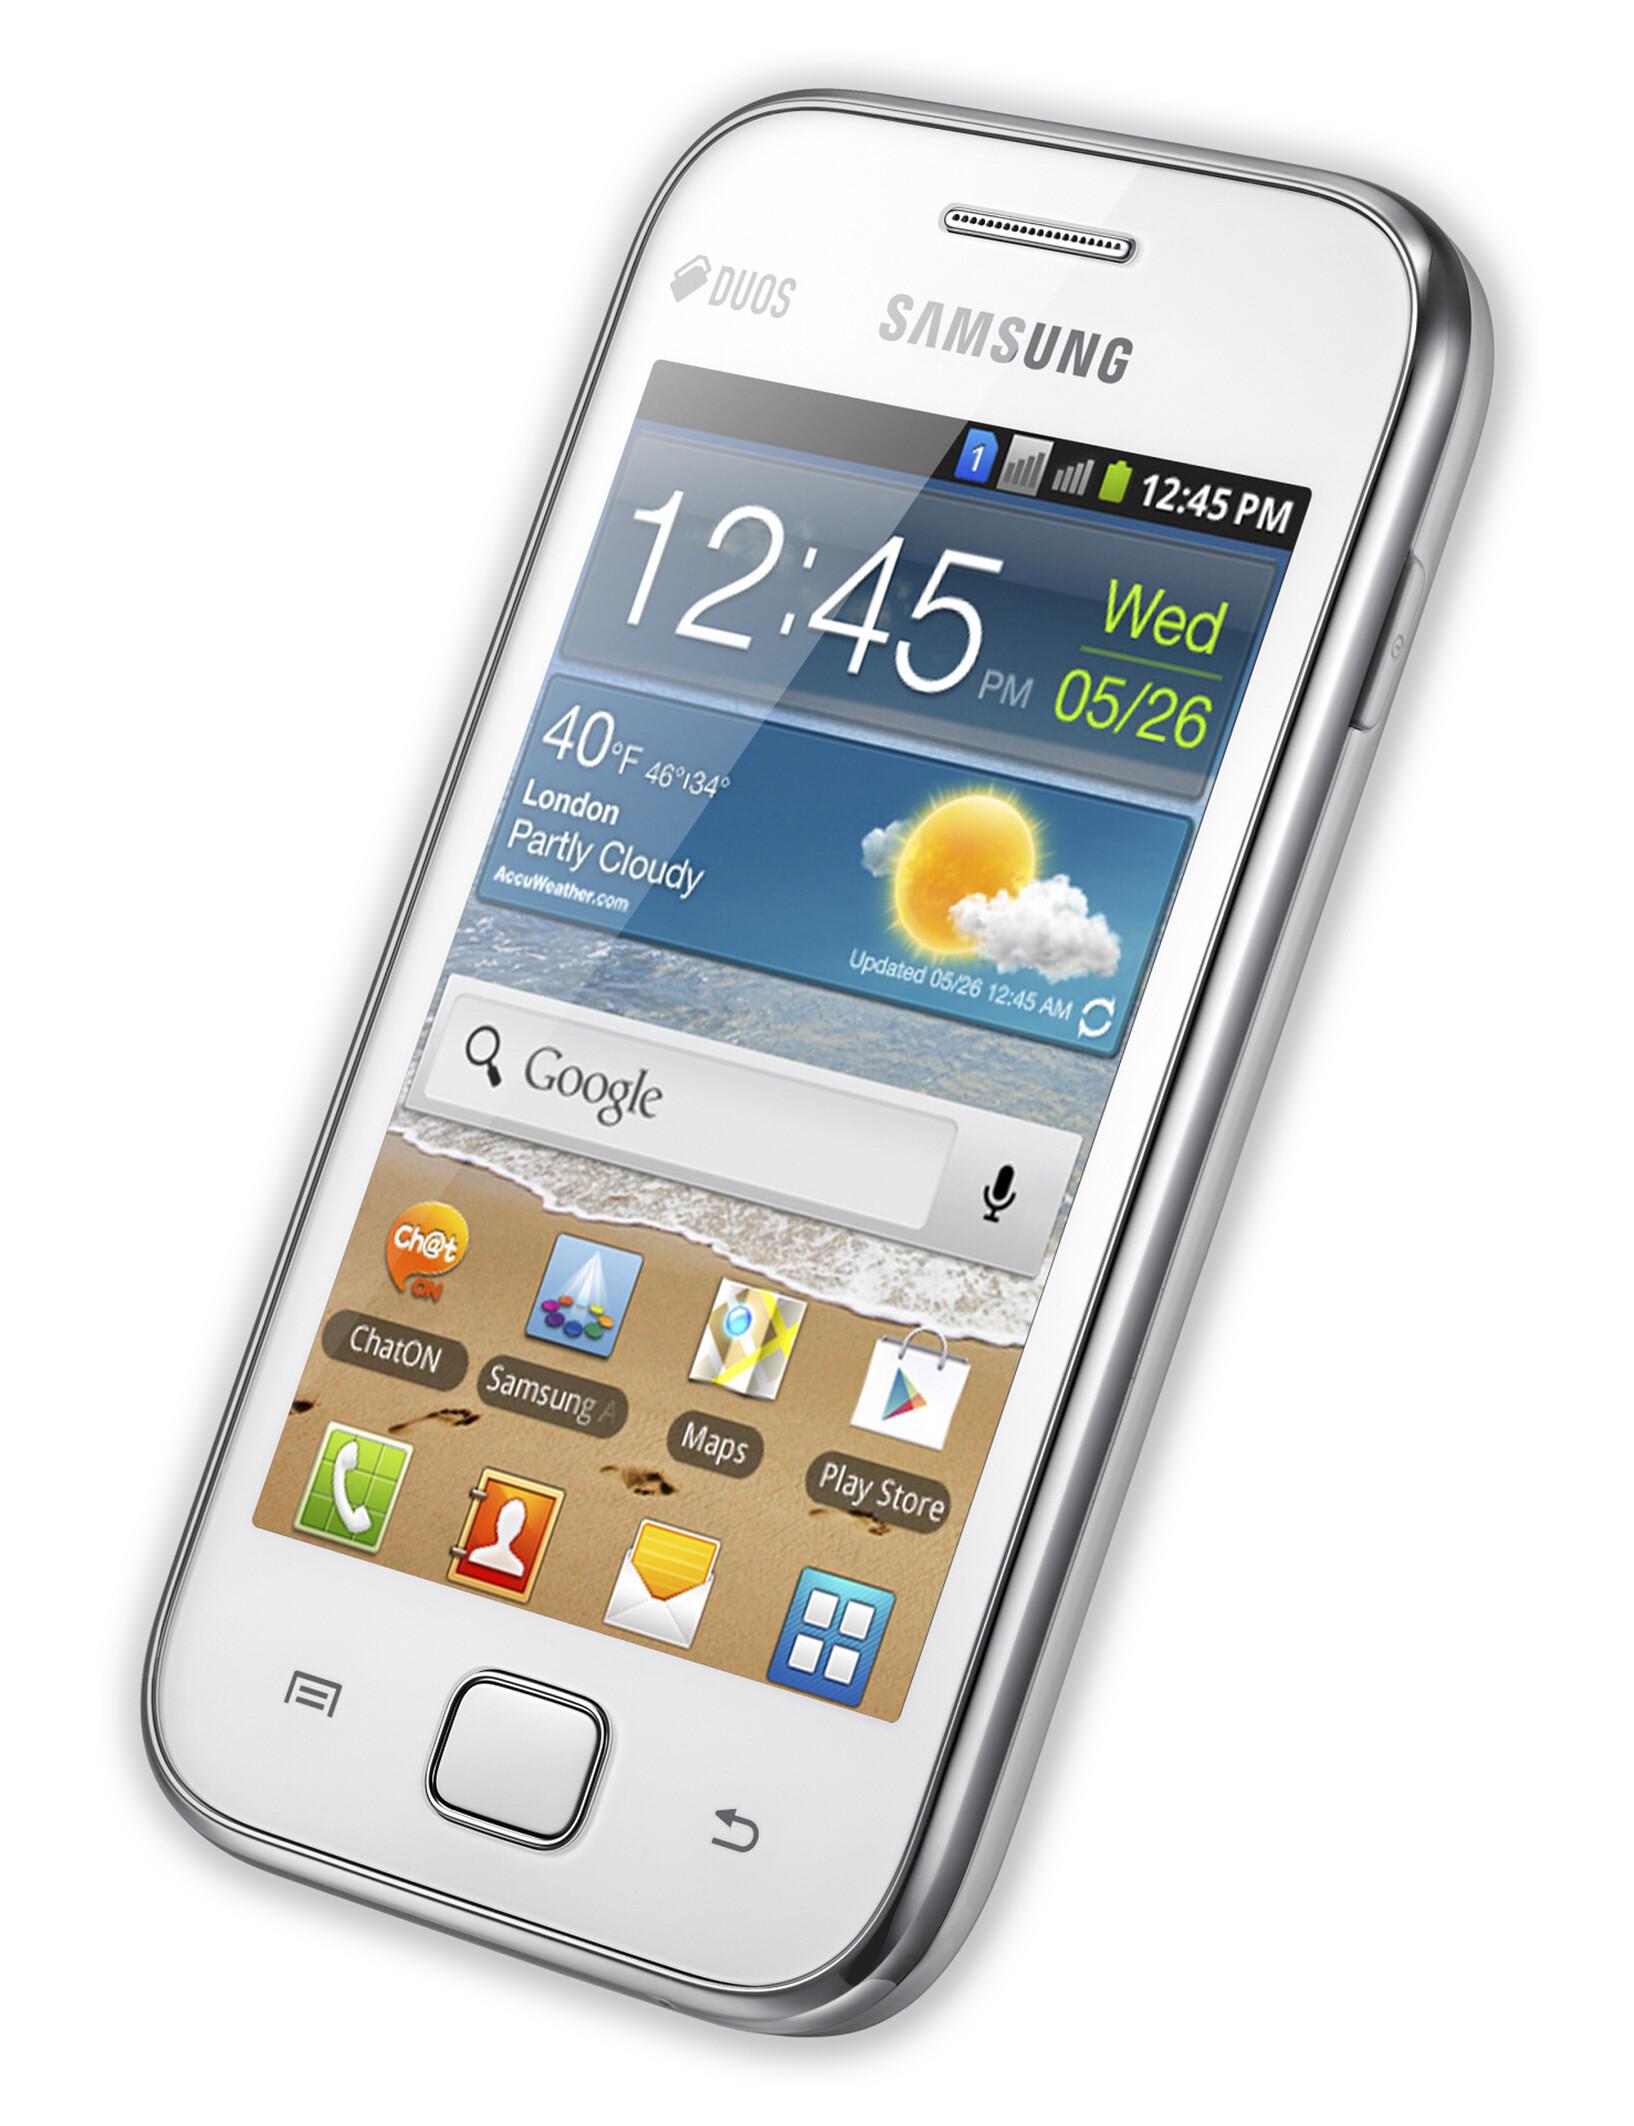 Samsung GALAXY Ace DUOS Specs